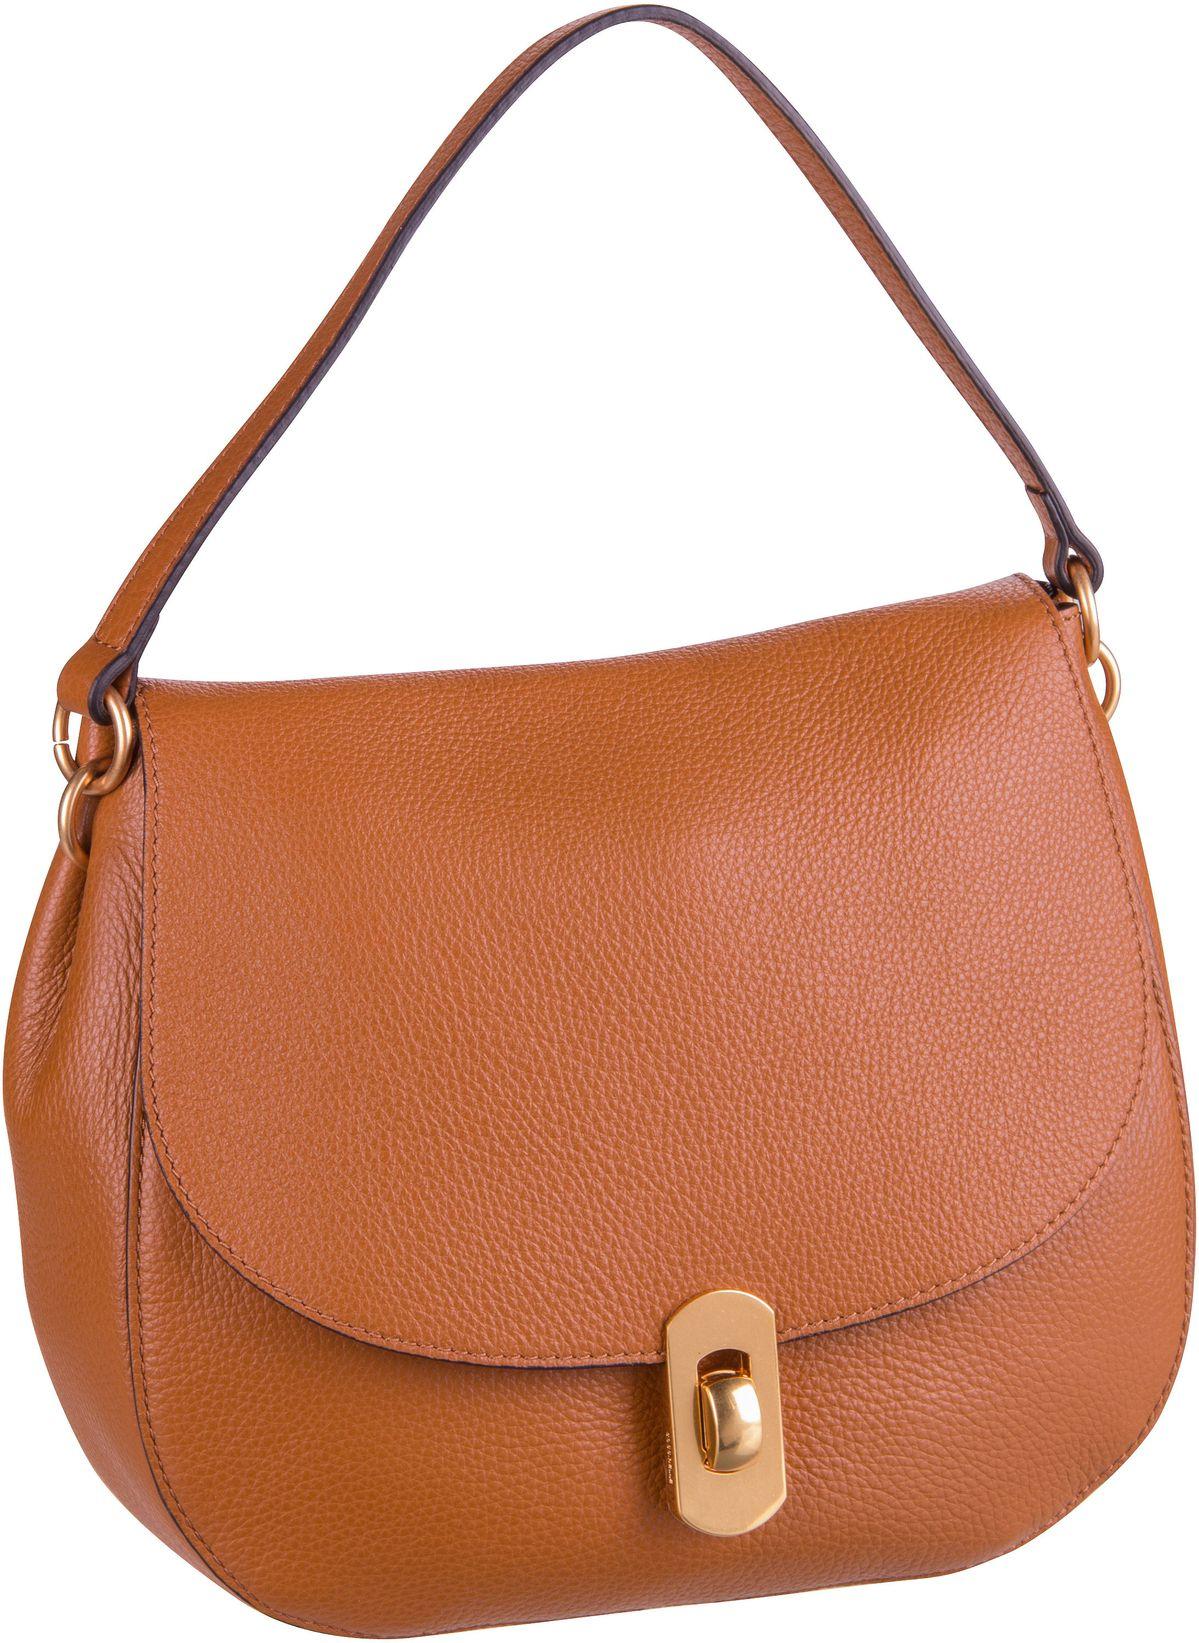 Handtasche Zaniah 1501 Caramel